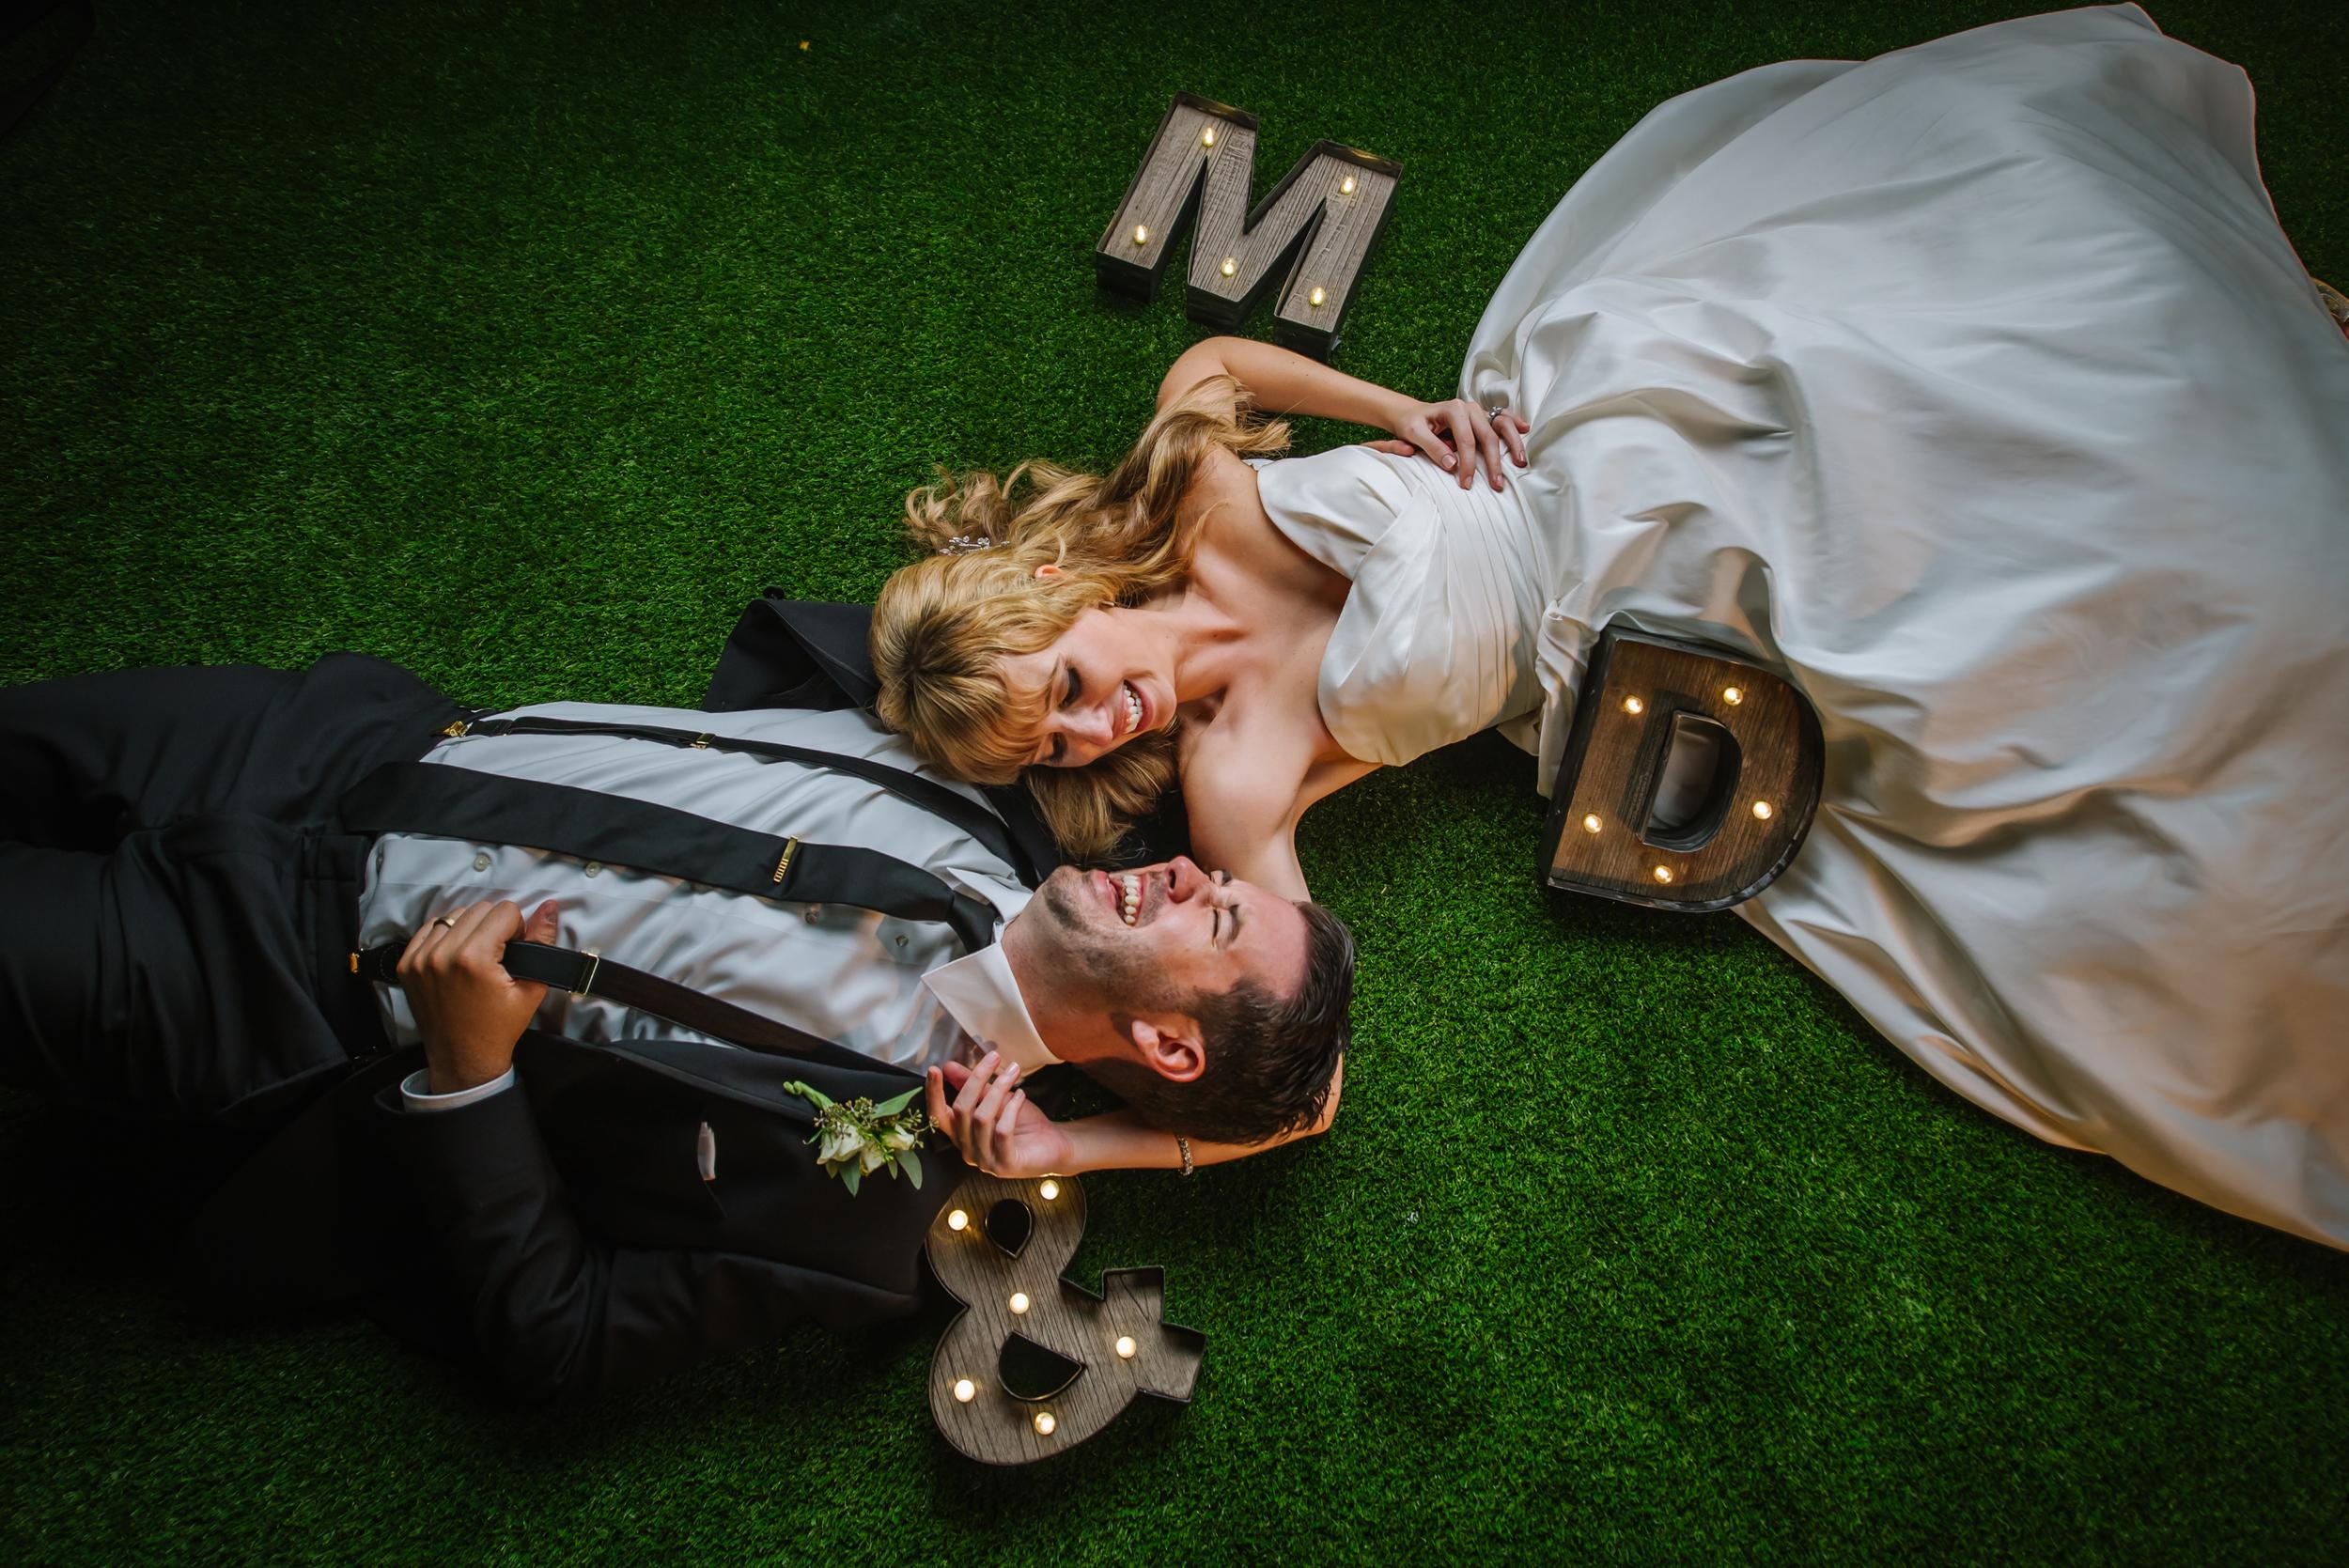 tampa-wedding-photographer-hotel-zamora-sunken-gardens-colorful-fun-green